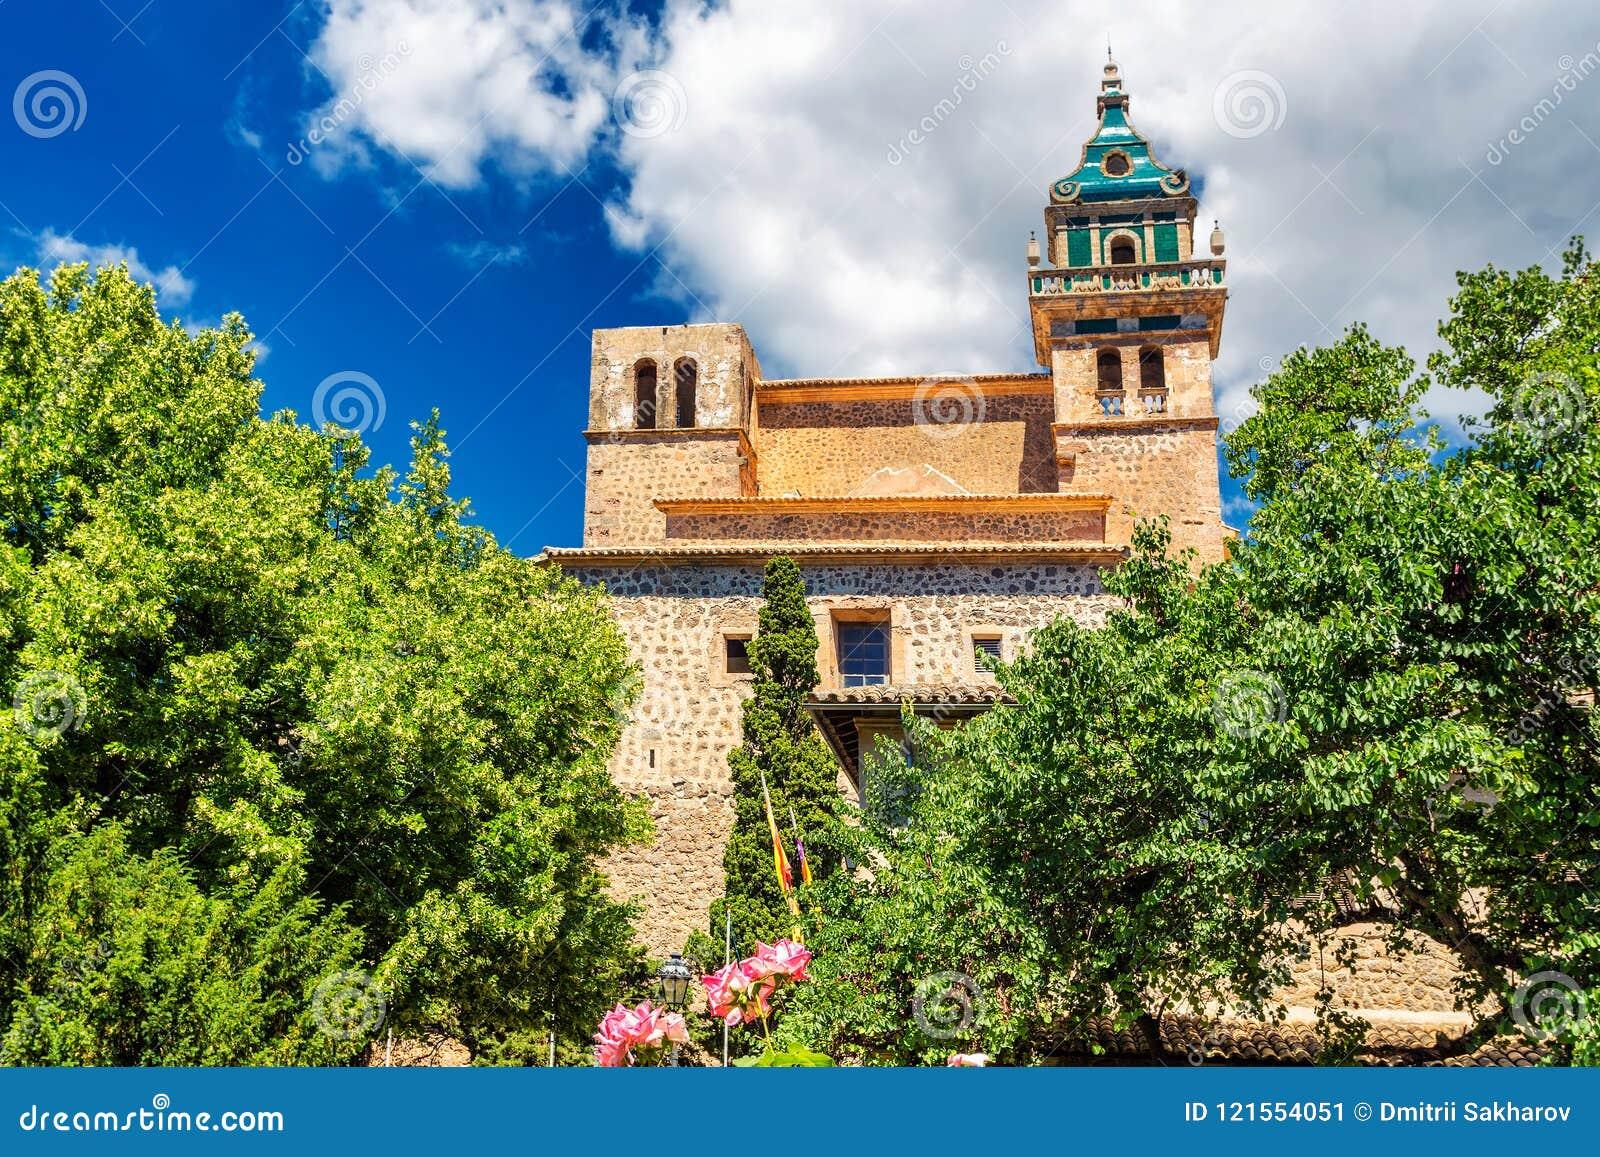 Ιστορικό κτήριο μοναστηριών Valdemossa και ζωηρές πράσινες δέντρα και εγκαταστάσεις